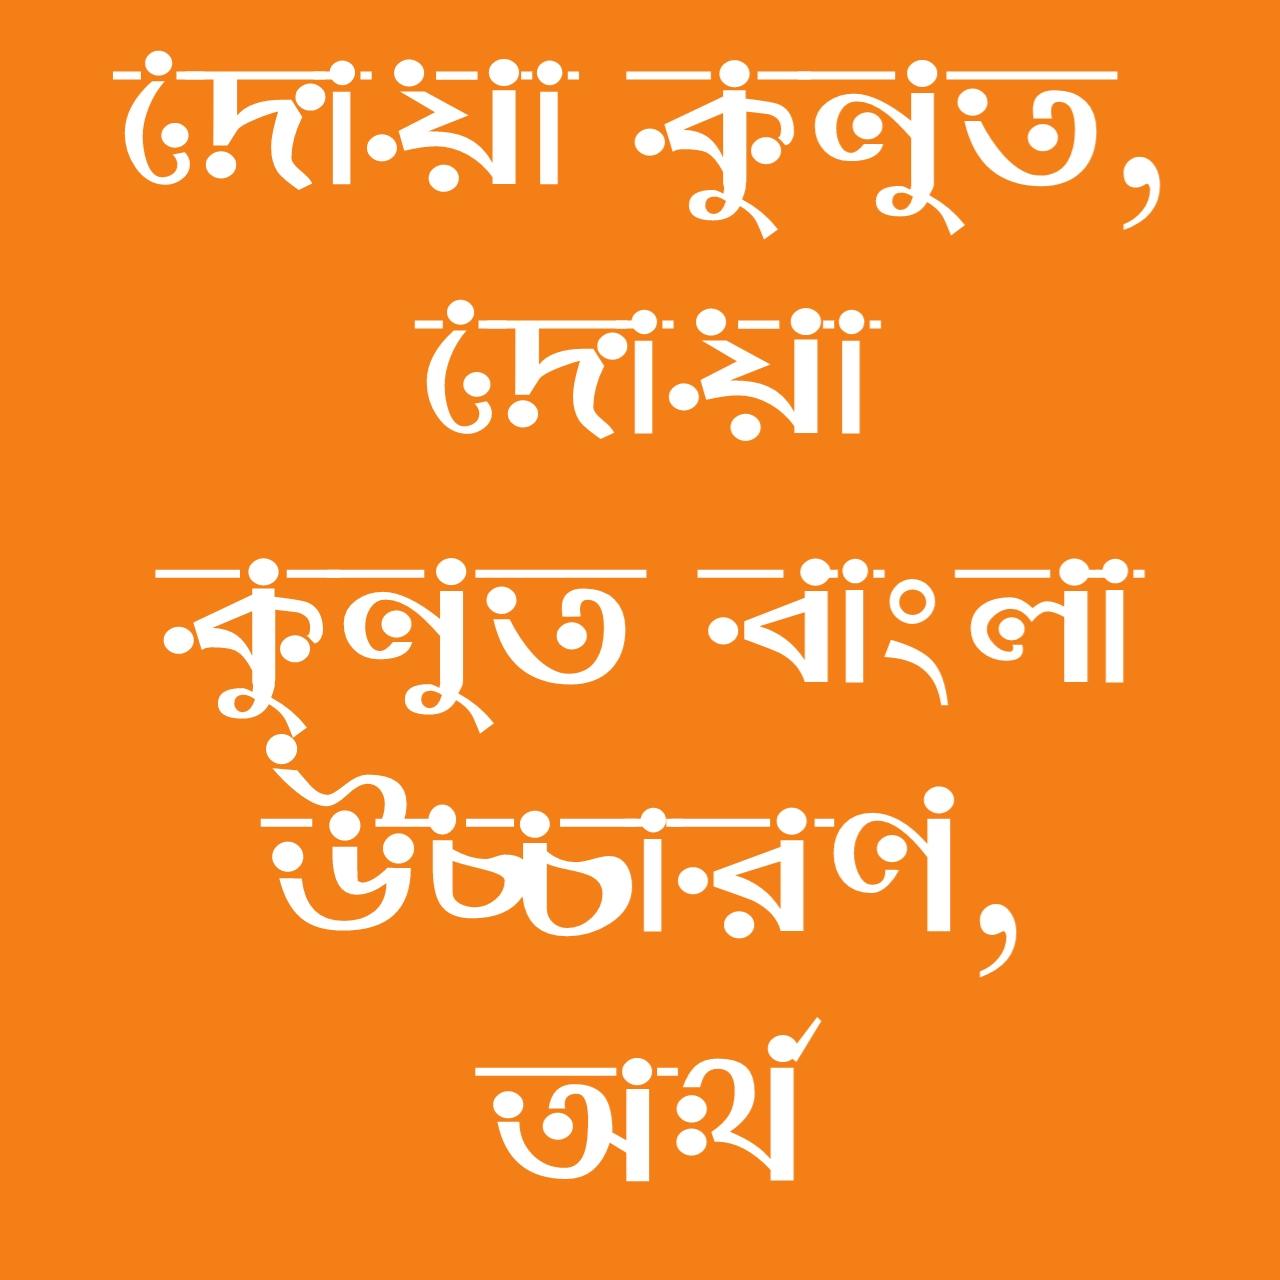 দোয়া কুনুত | দোয়া কুনুত আরবি বাংলা উচ্চারণ ও অর্থ | Prayer Kunut | Prayer Kunut Arabia Bangla Meaning |